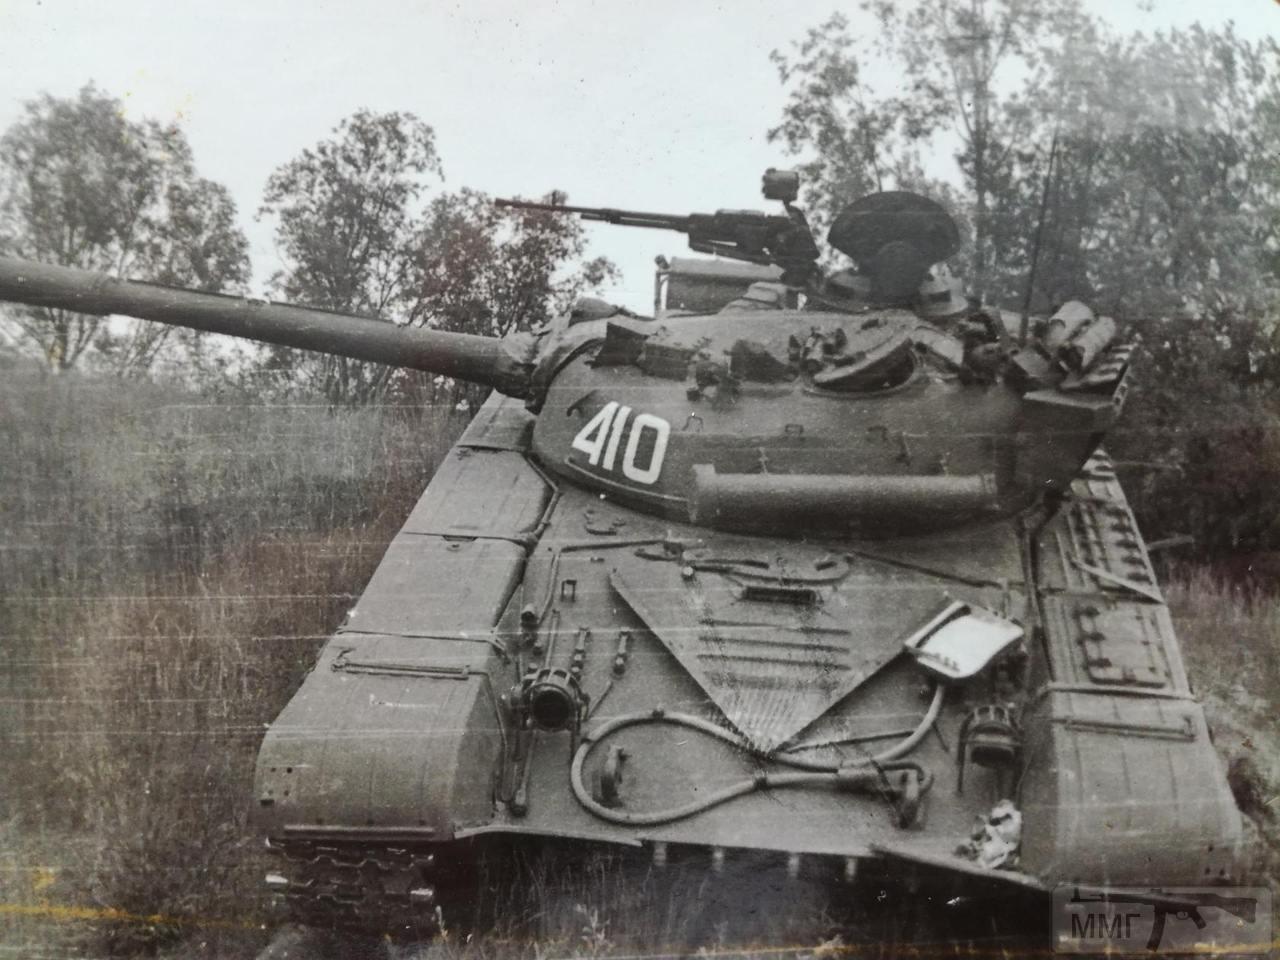 85274 - Производство танков в СССР